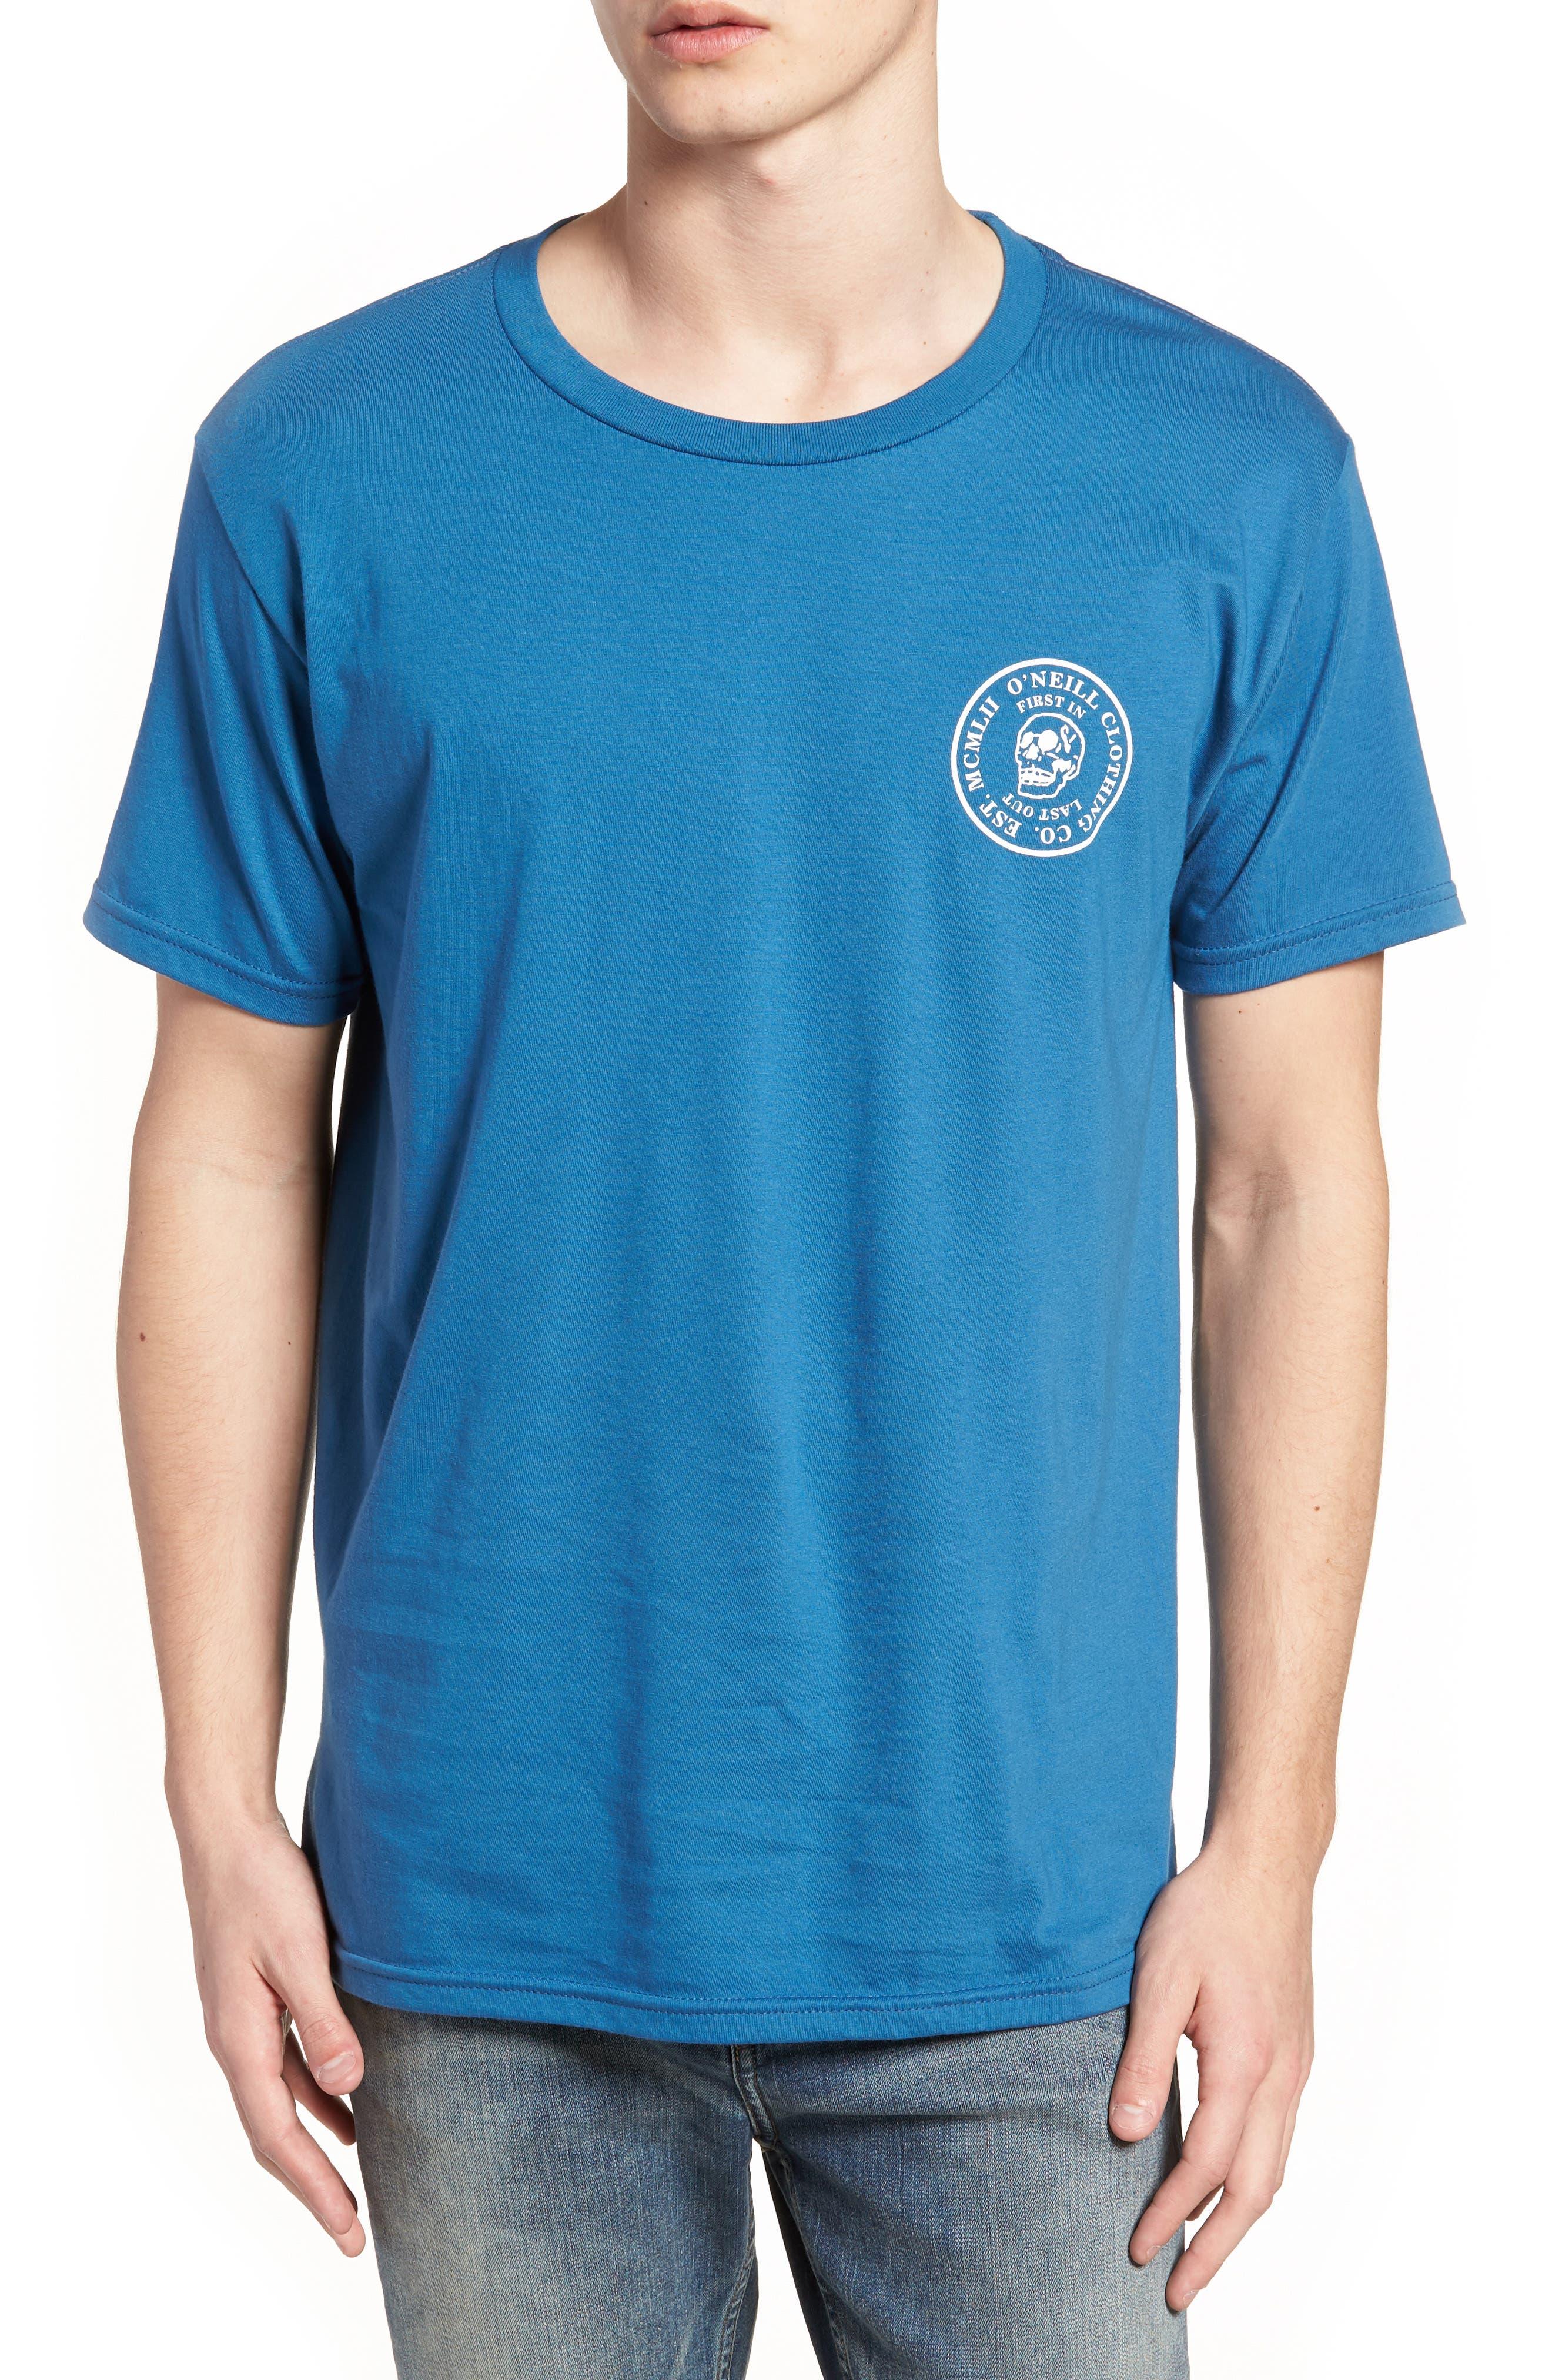 Skully Graphic T-Shirt,                             Main thumbnail 1, color,                             400